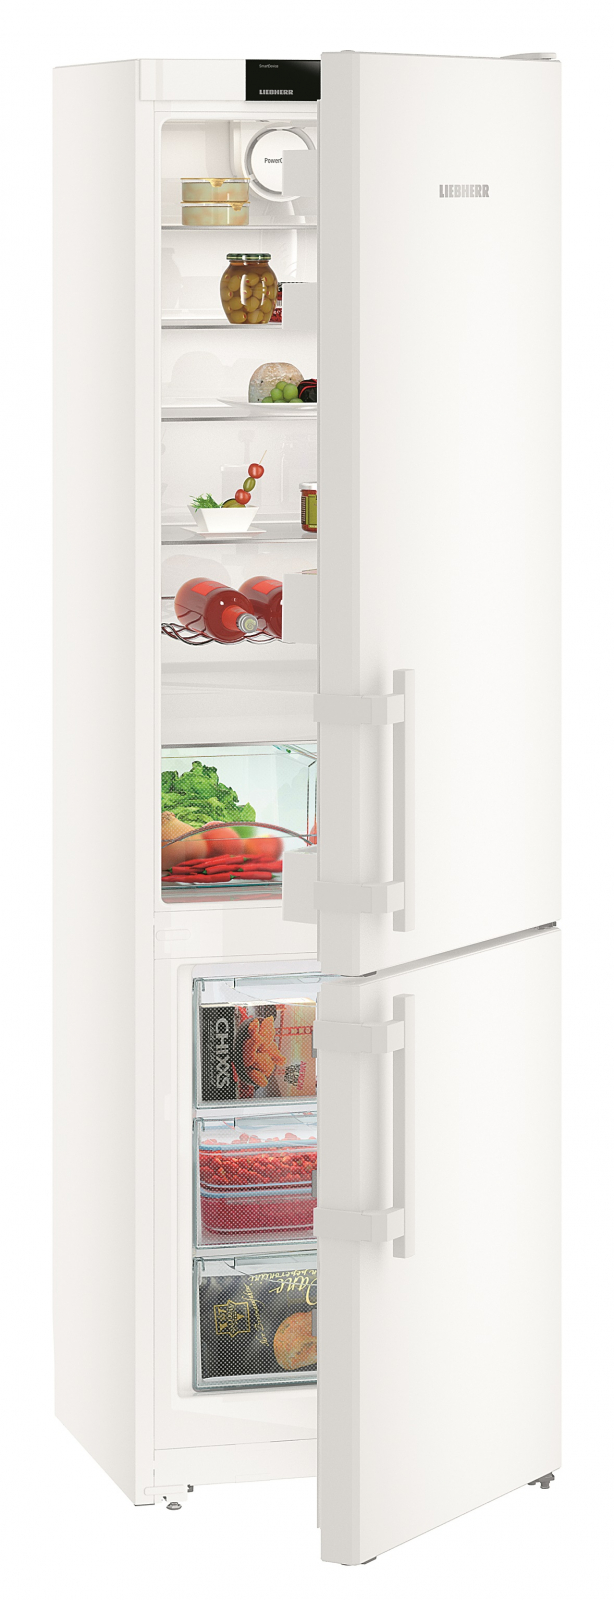 купить Двухкамерный холодильник Liebherr C 4025 Украина фото 4